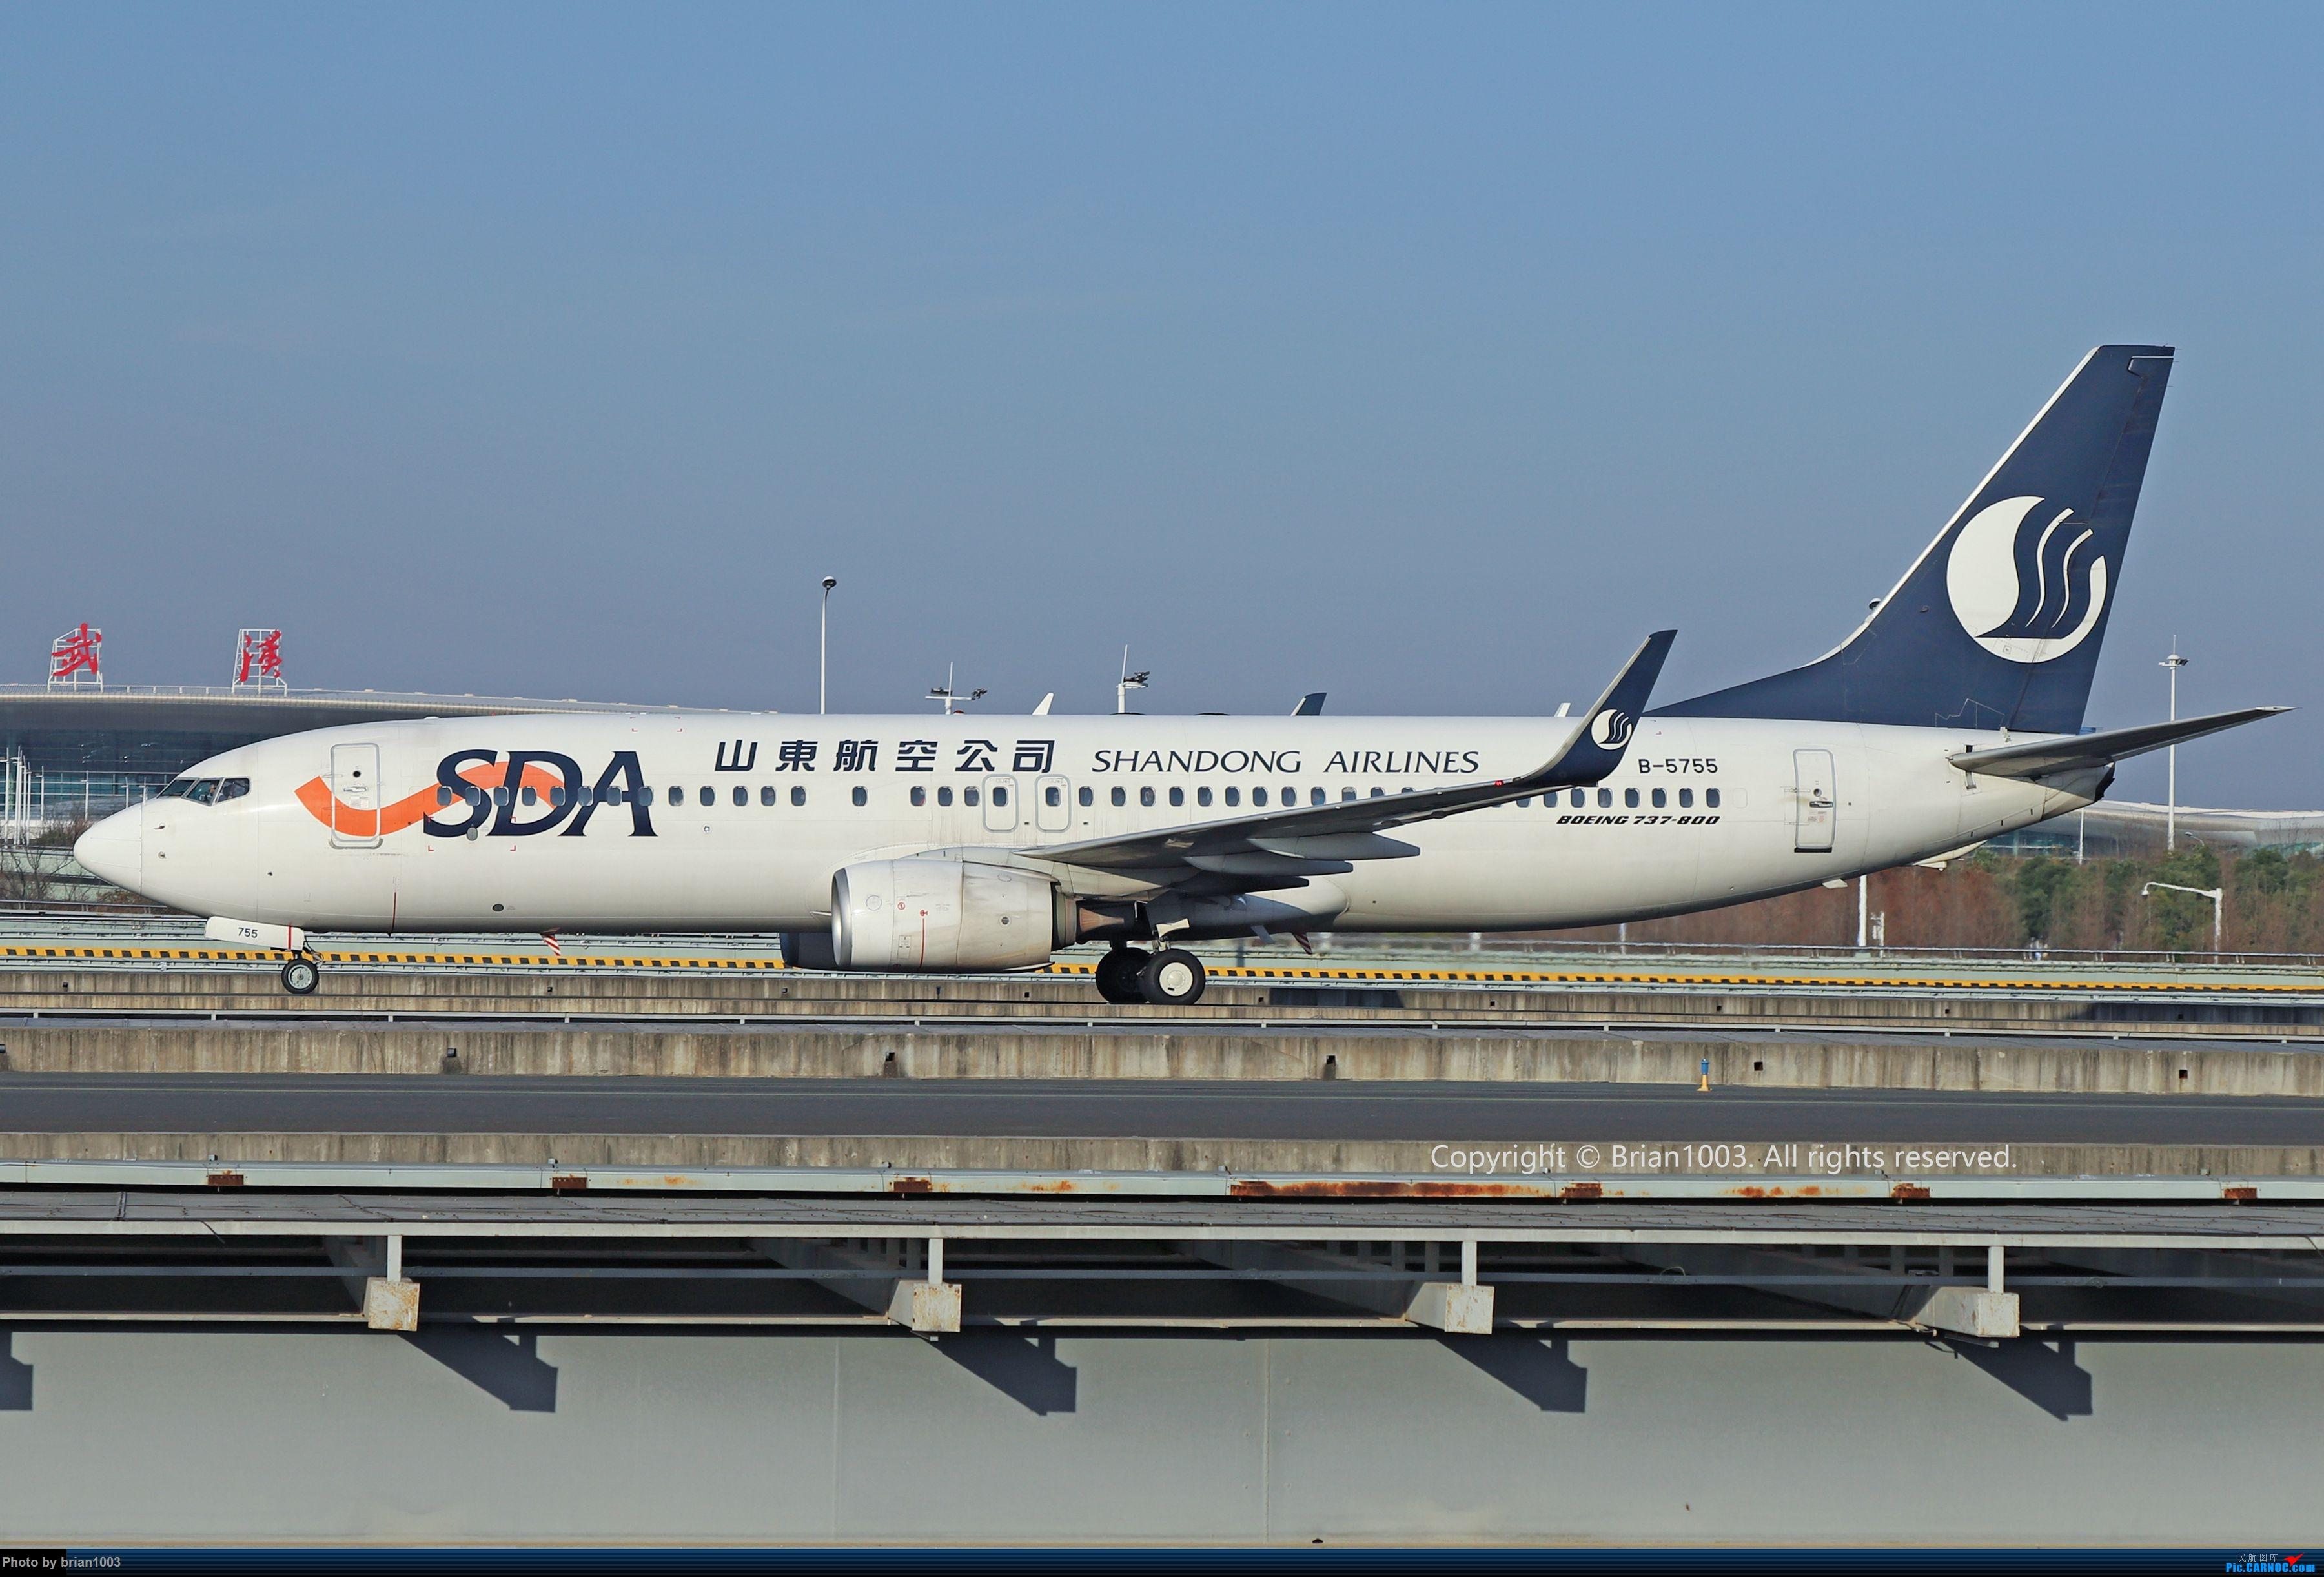 Re:[原创]WUH天河机场2021年拍机之二月 BOEING 737-800 B-5755 中国武汉天河国际机场